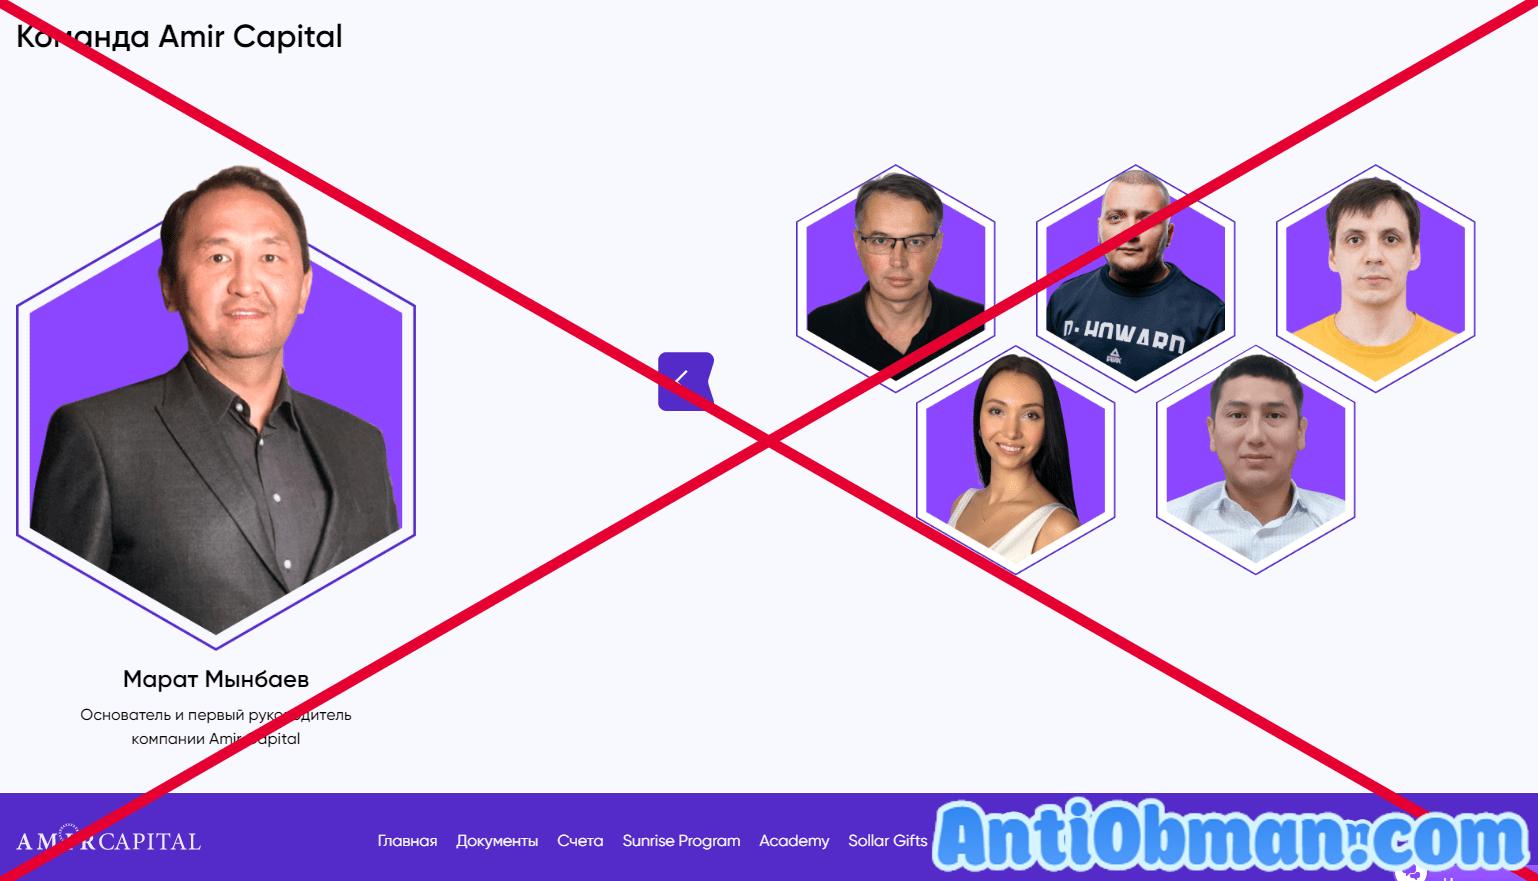 Amir Capital отзывы. Развод и пирамида